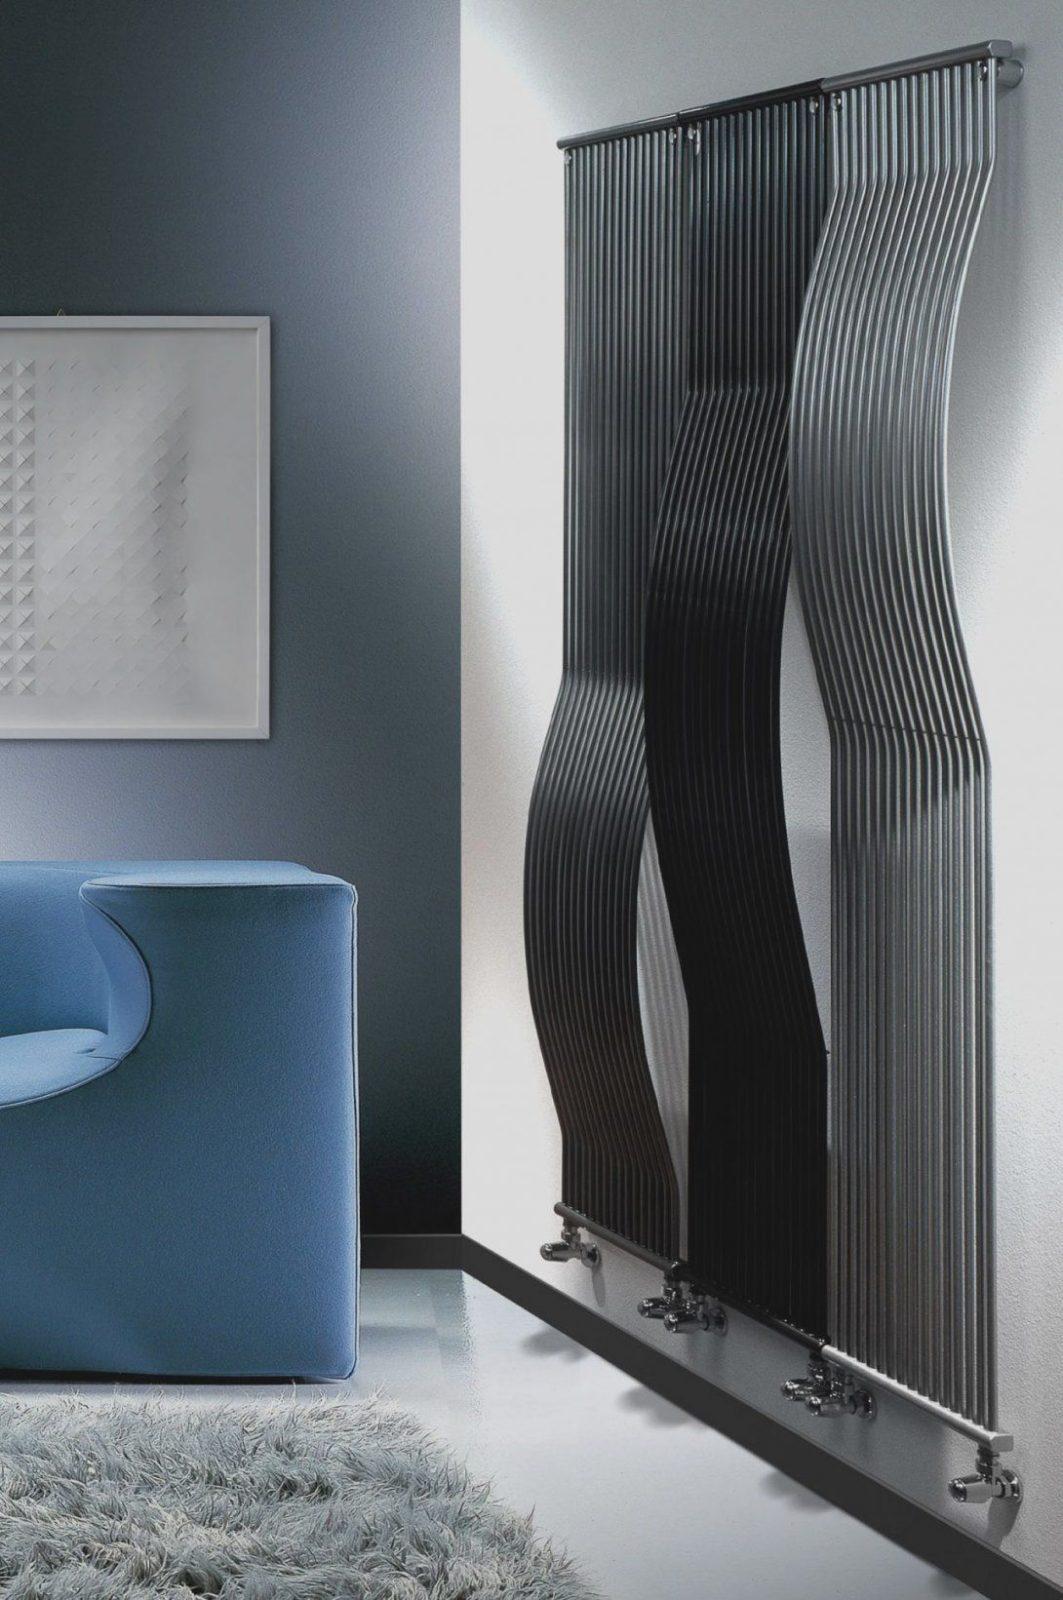 AuBergewohnlich 37 Moderne Heizkörper Wohnzimmer Haus Ideen Von Moderne Heizkörper Für  Wohnzimmer Photo